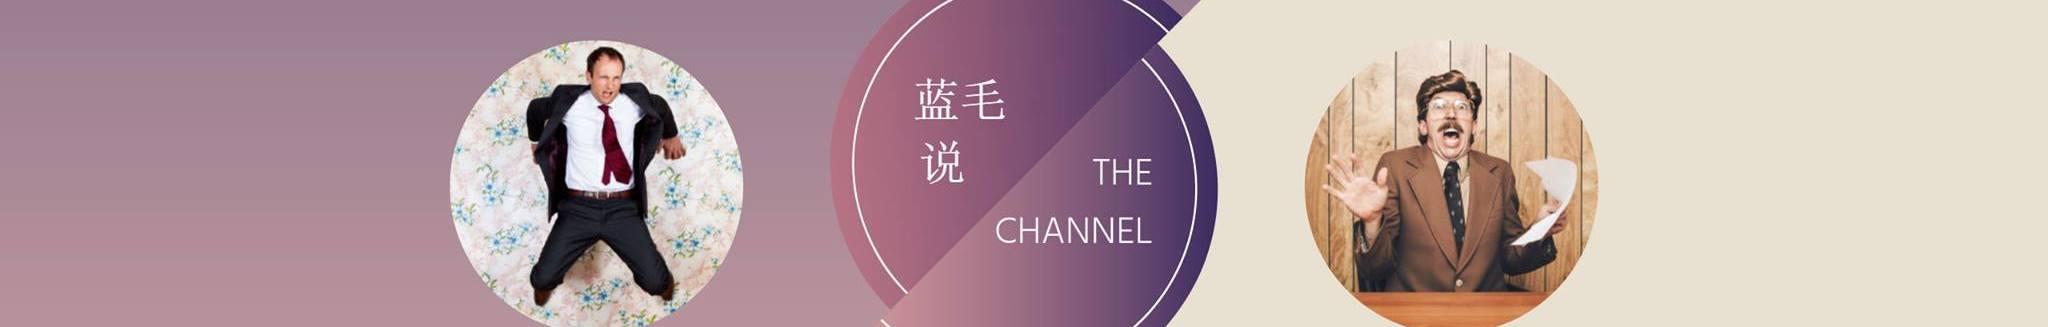 蓝毛说_主频道 banner